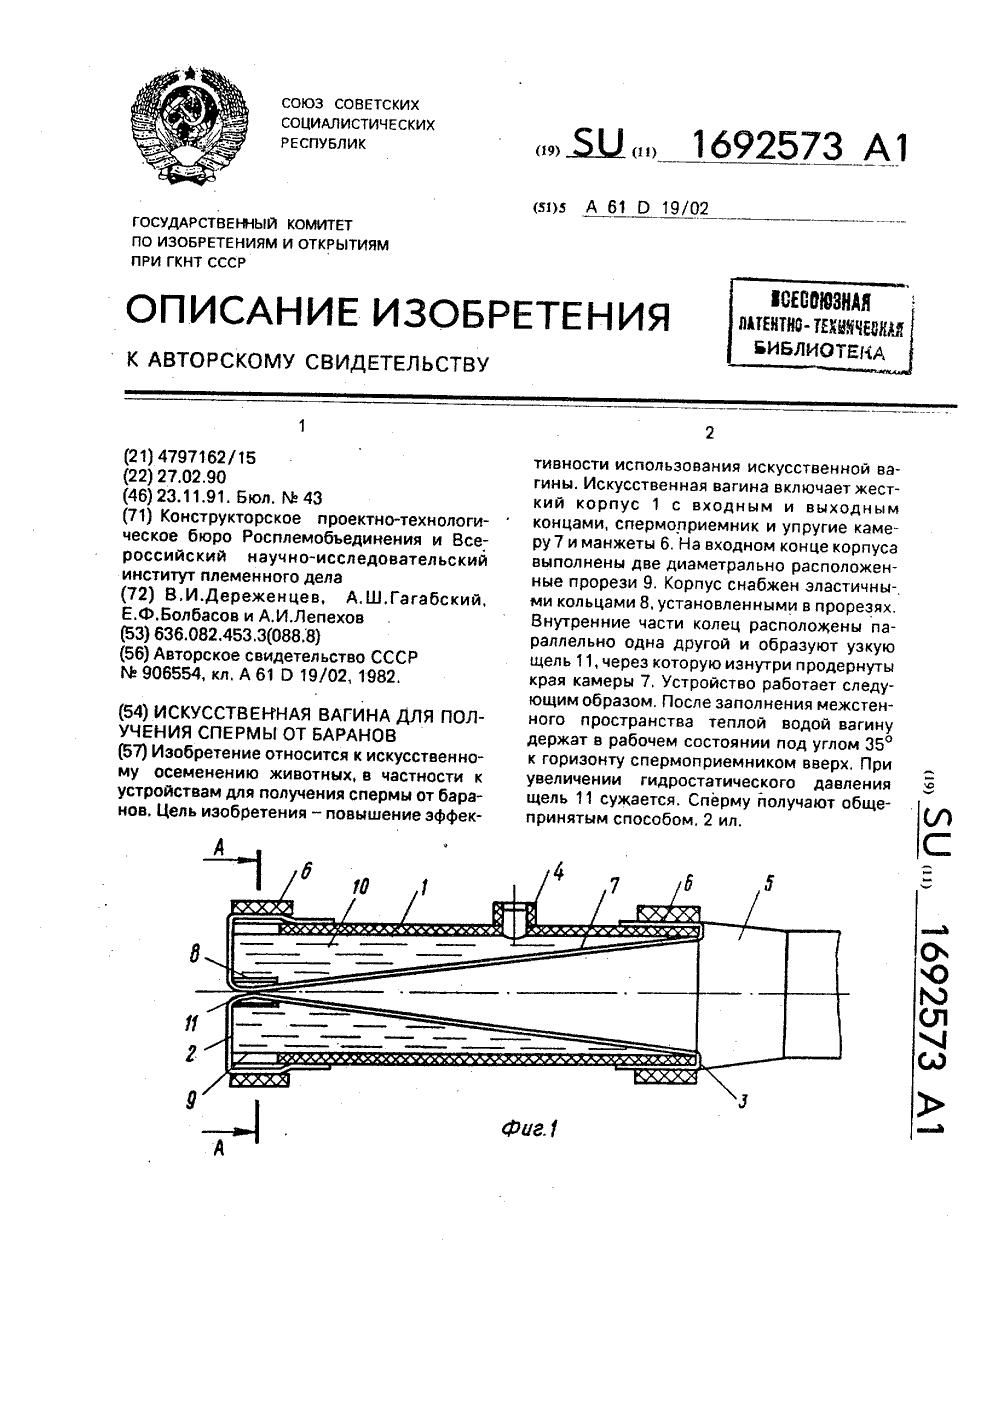 Схема сборки искусственной вагины для получение спермы от колза